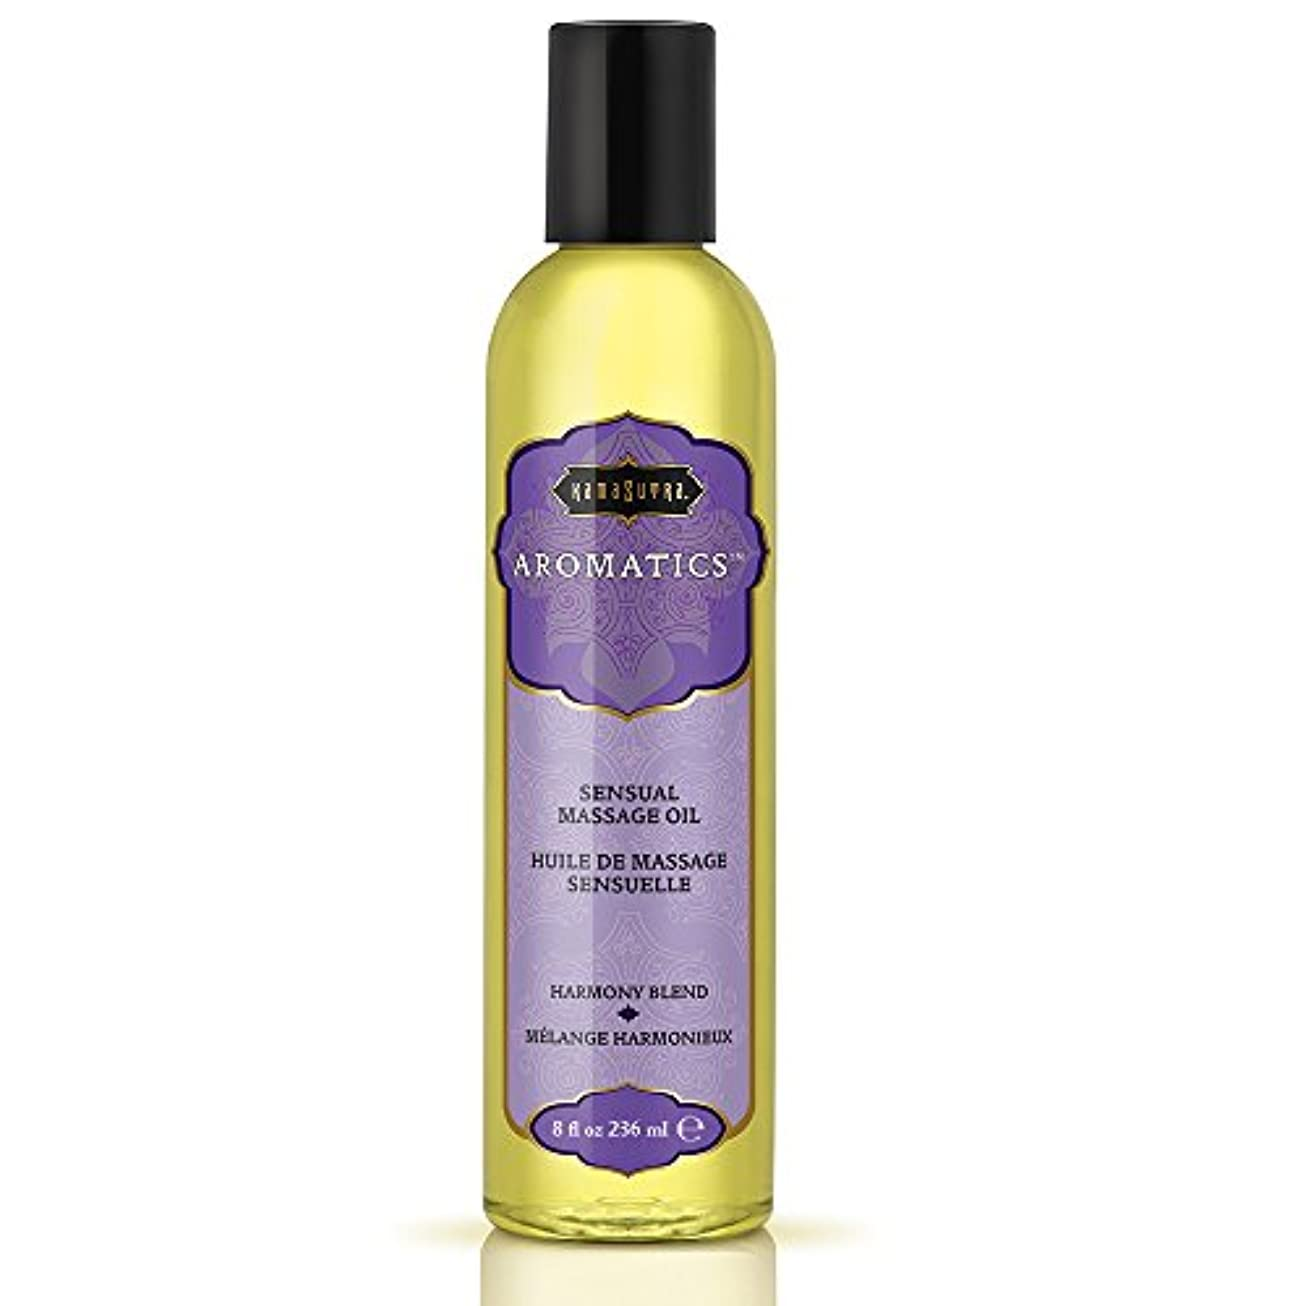 制裁気まぐれなトーストAromatic Massage Oil Harmony Blend 8oz by Kama Sutra